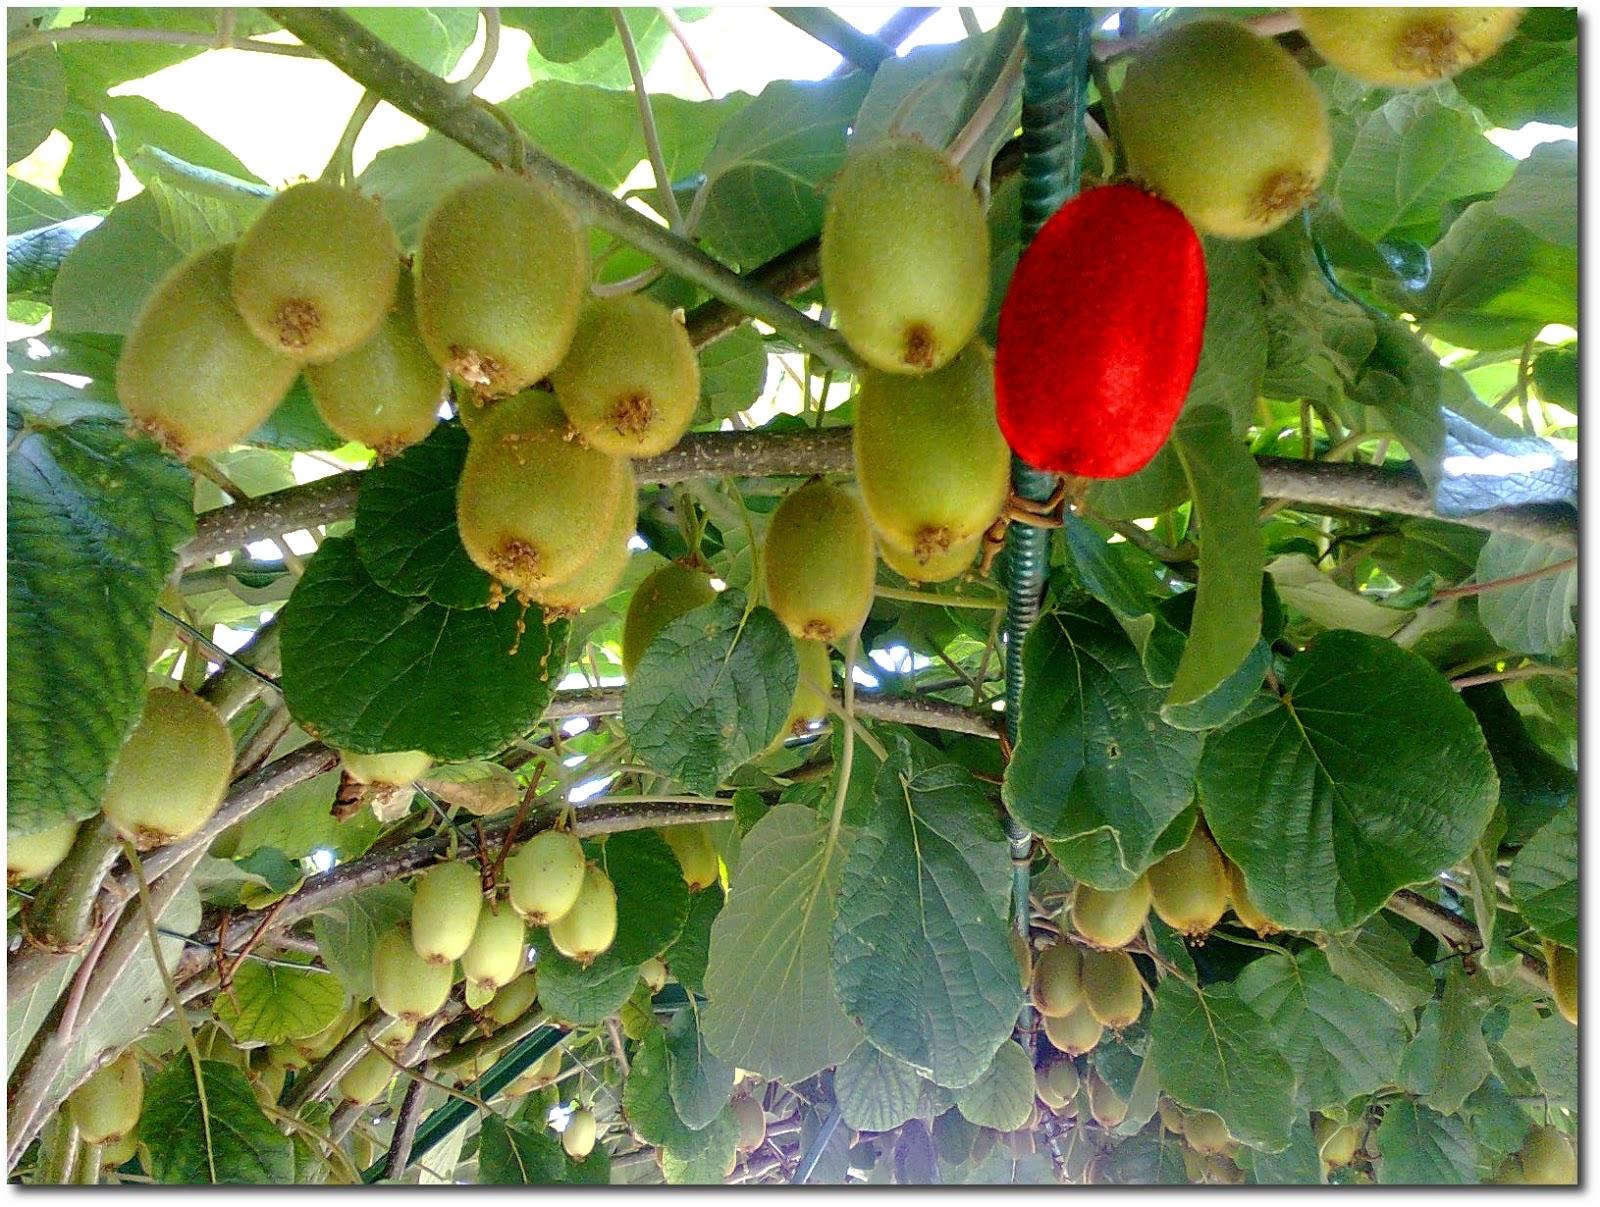 Frutta e verdura dal campo quando raccogliere i kiwi for Kiwi pianta